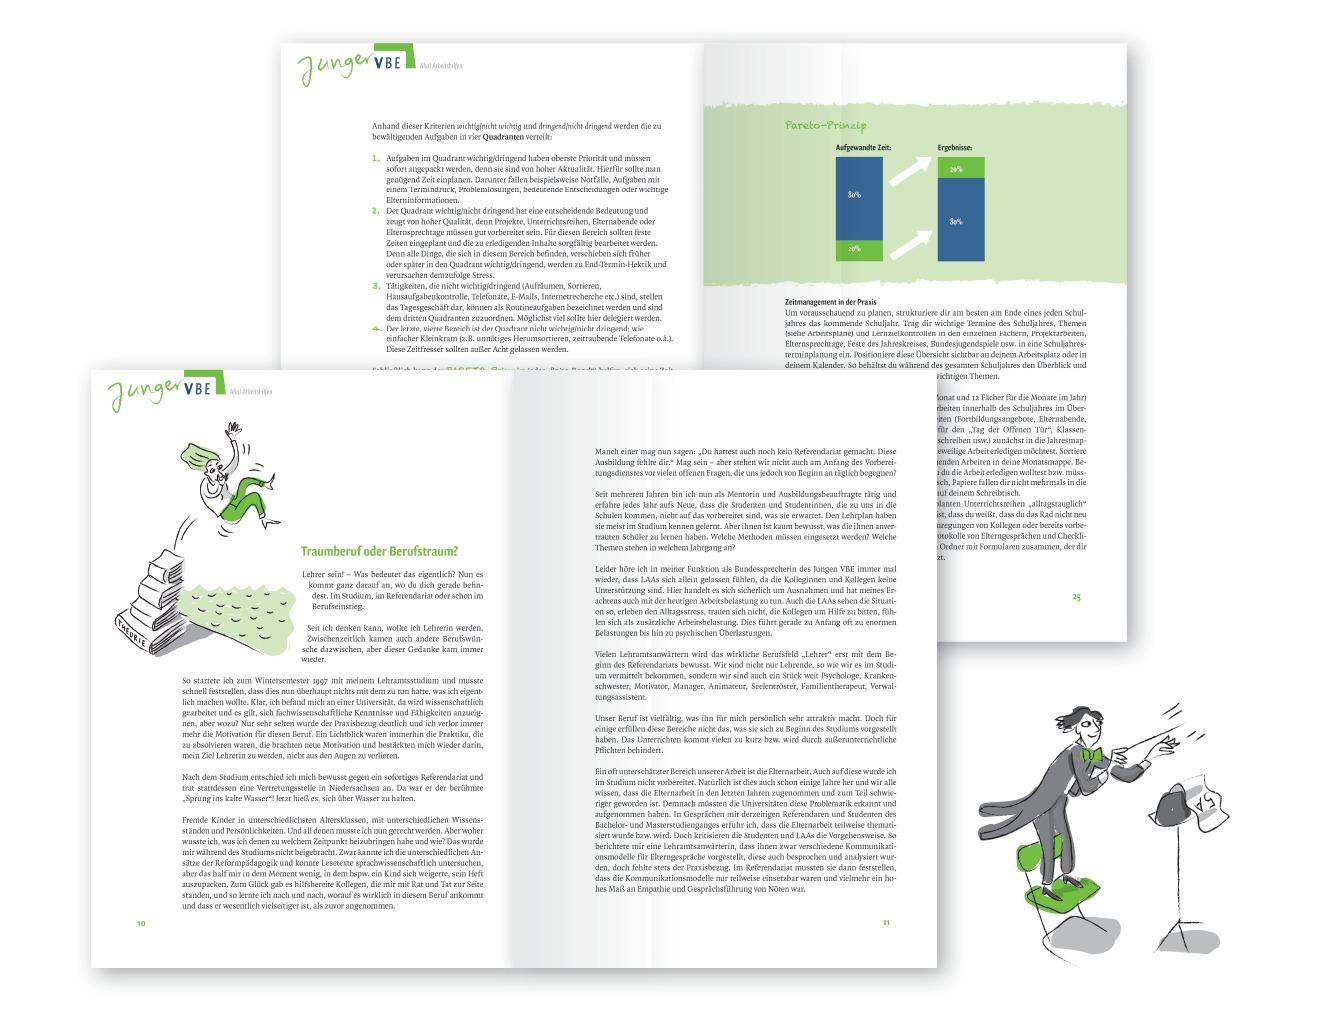 Seitengestaltung mit Illustrationen und Grafiken im Corporate Design - Typoly